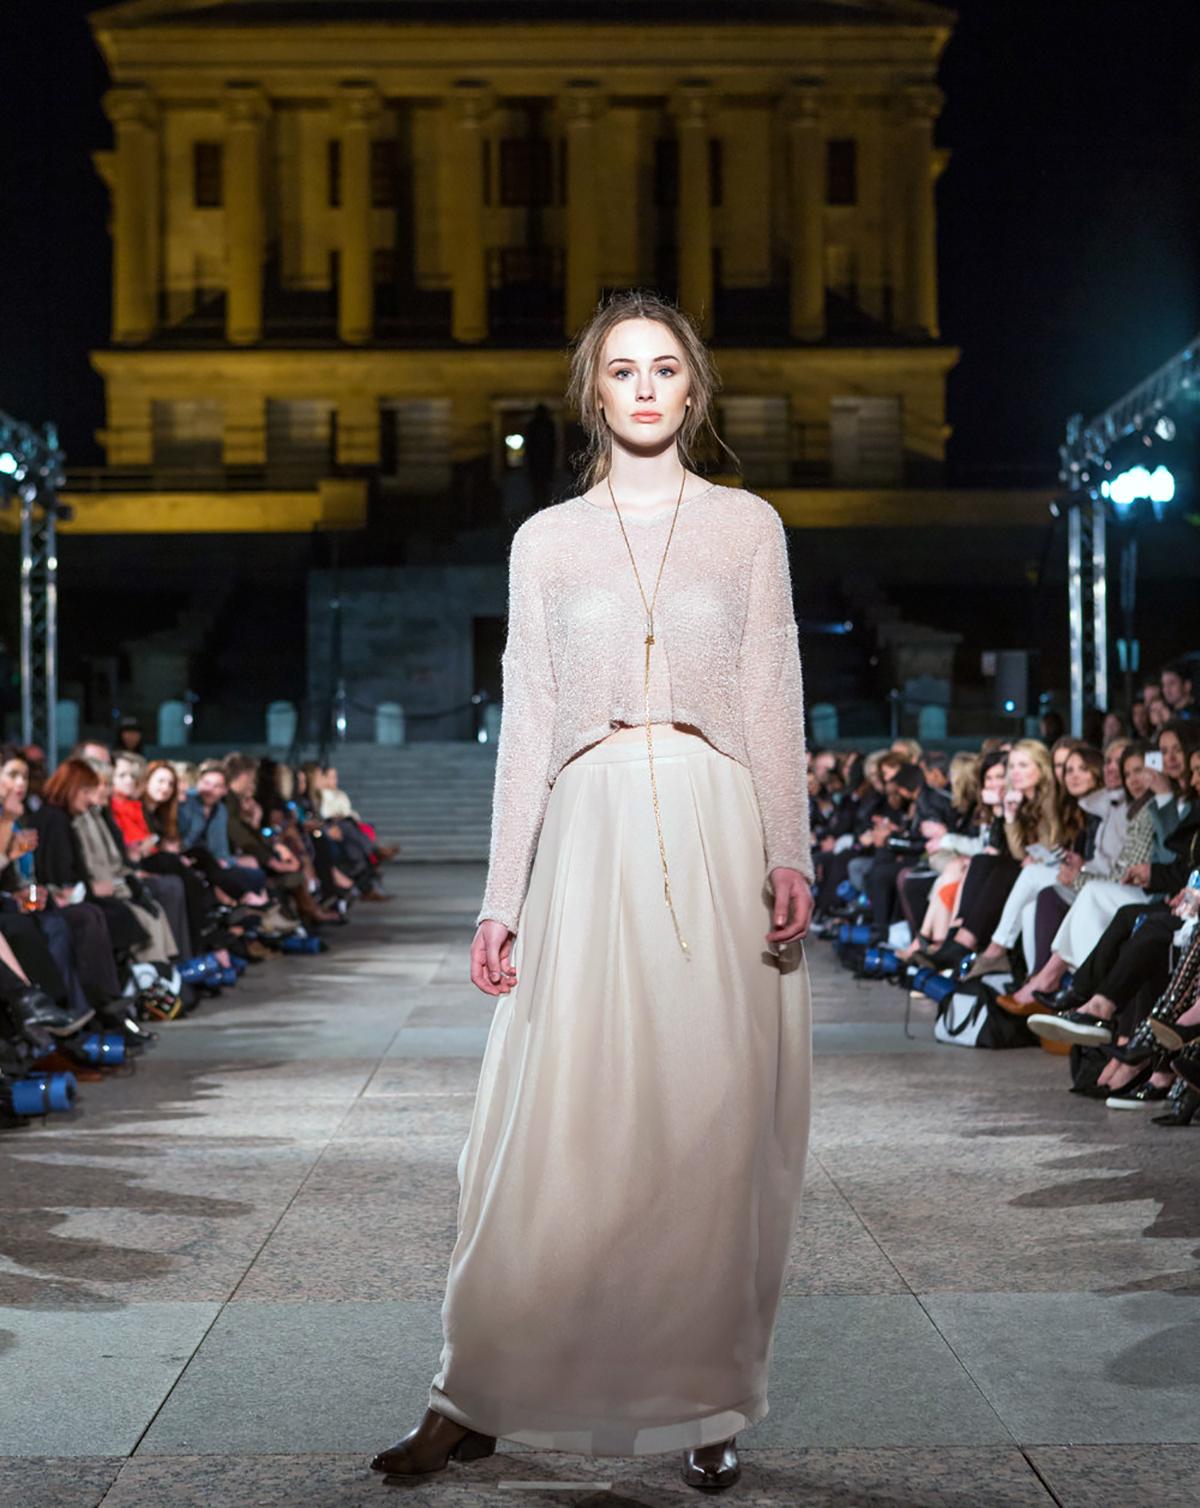 Lagi Nadeau  (Image courtesy of Nashville Fashion Week)